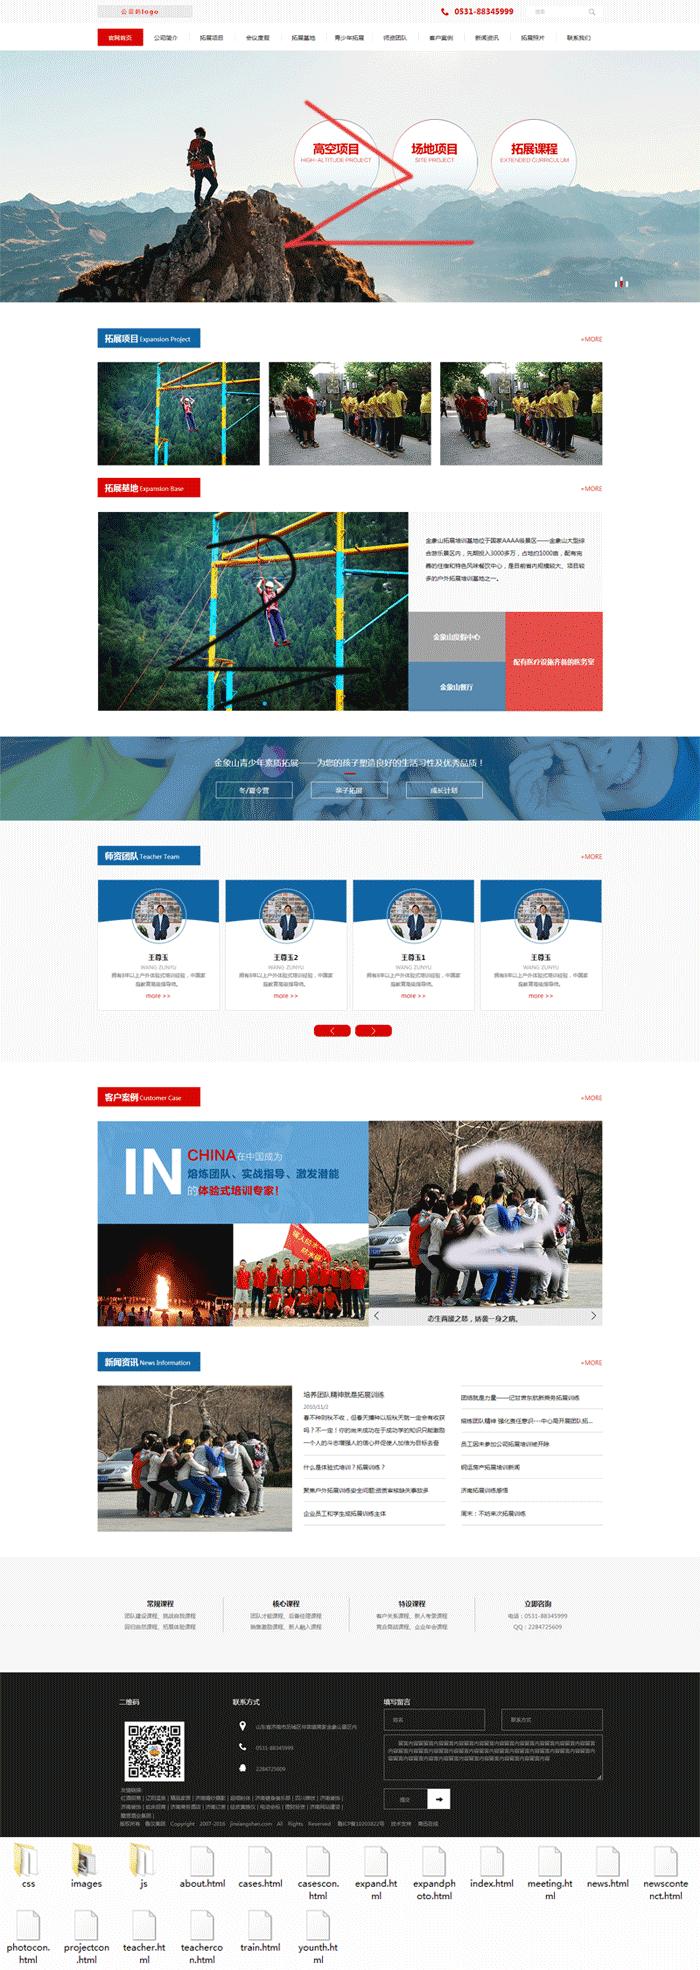 宽屏的户外拓展运动开发网站静态模板html整站